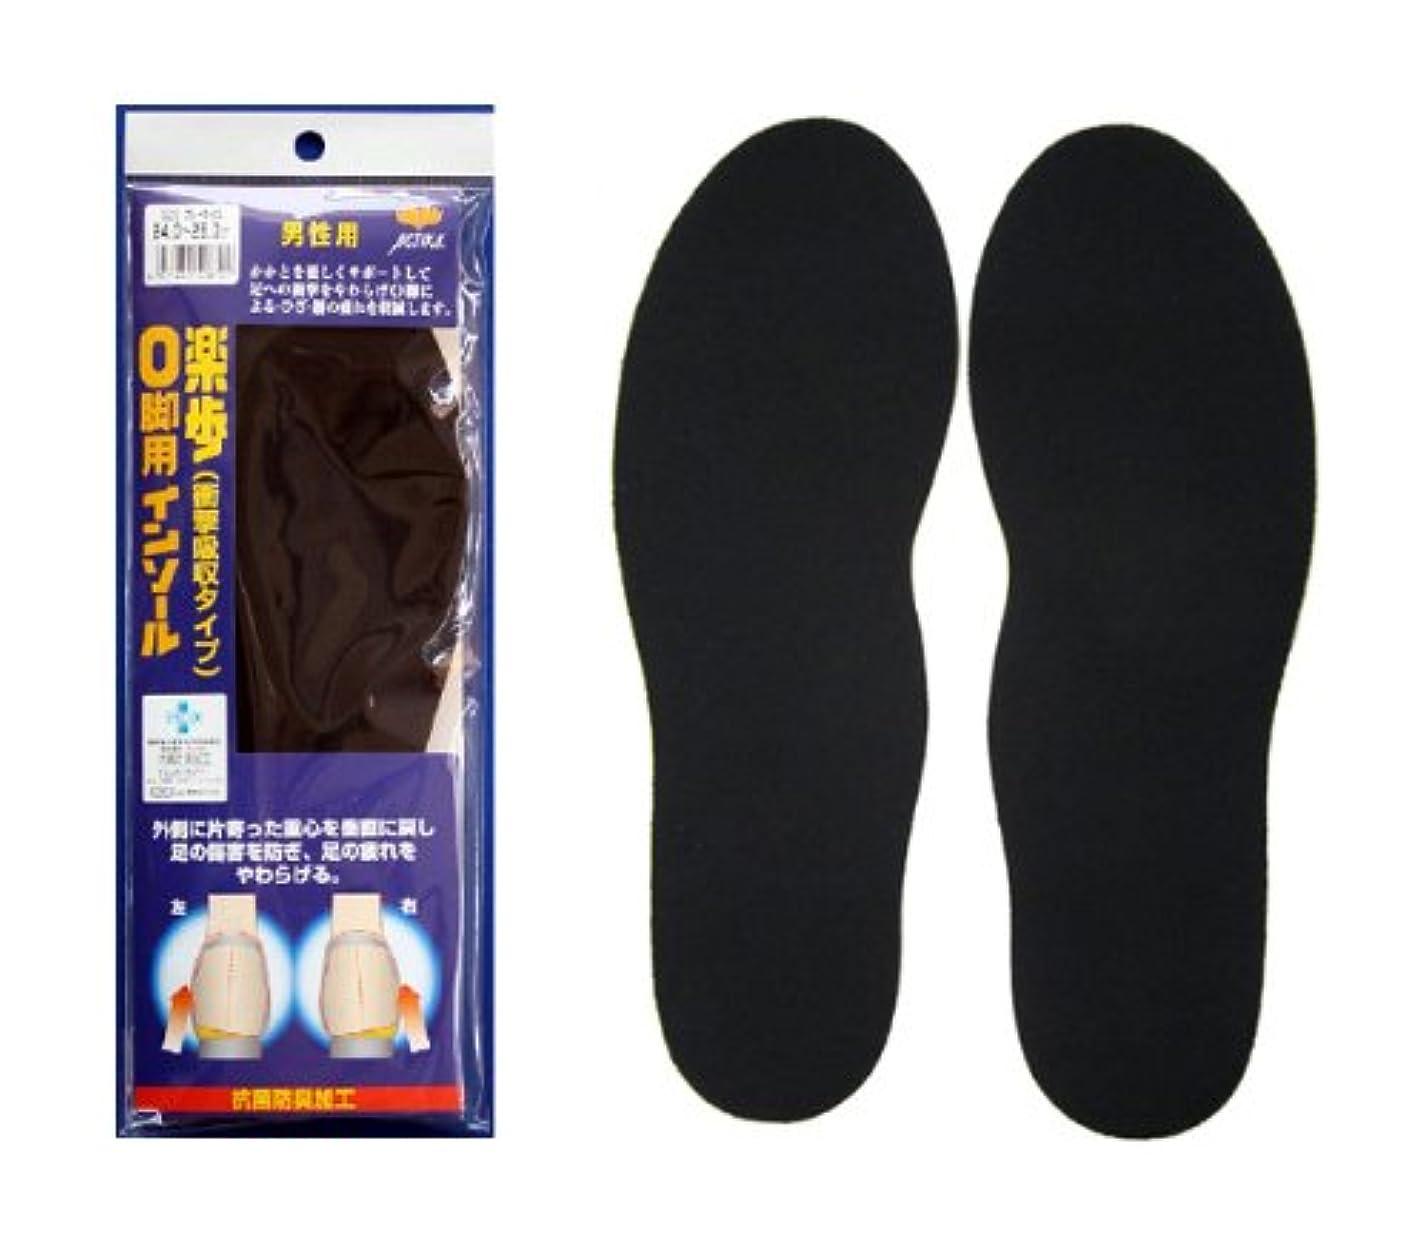 思春期痴漢対話楽歩 O脚用インソール 男性用(24.0~28.0cm) 2足セット  No.162